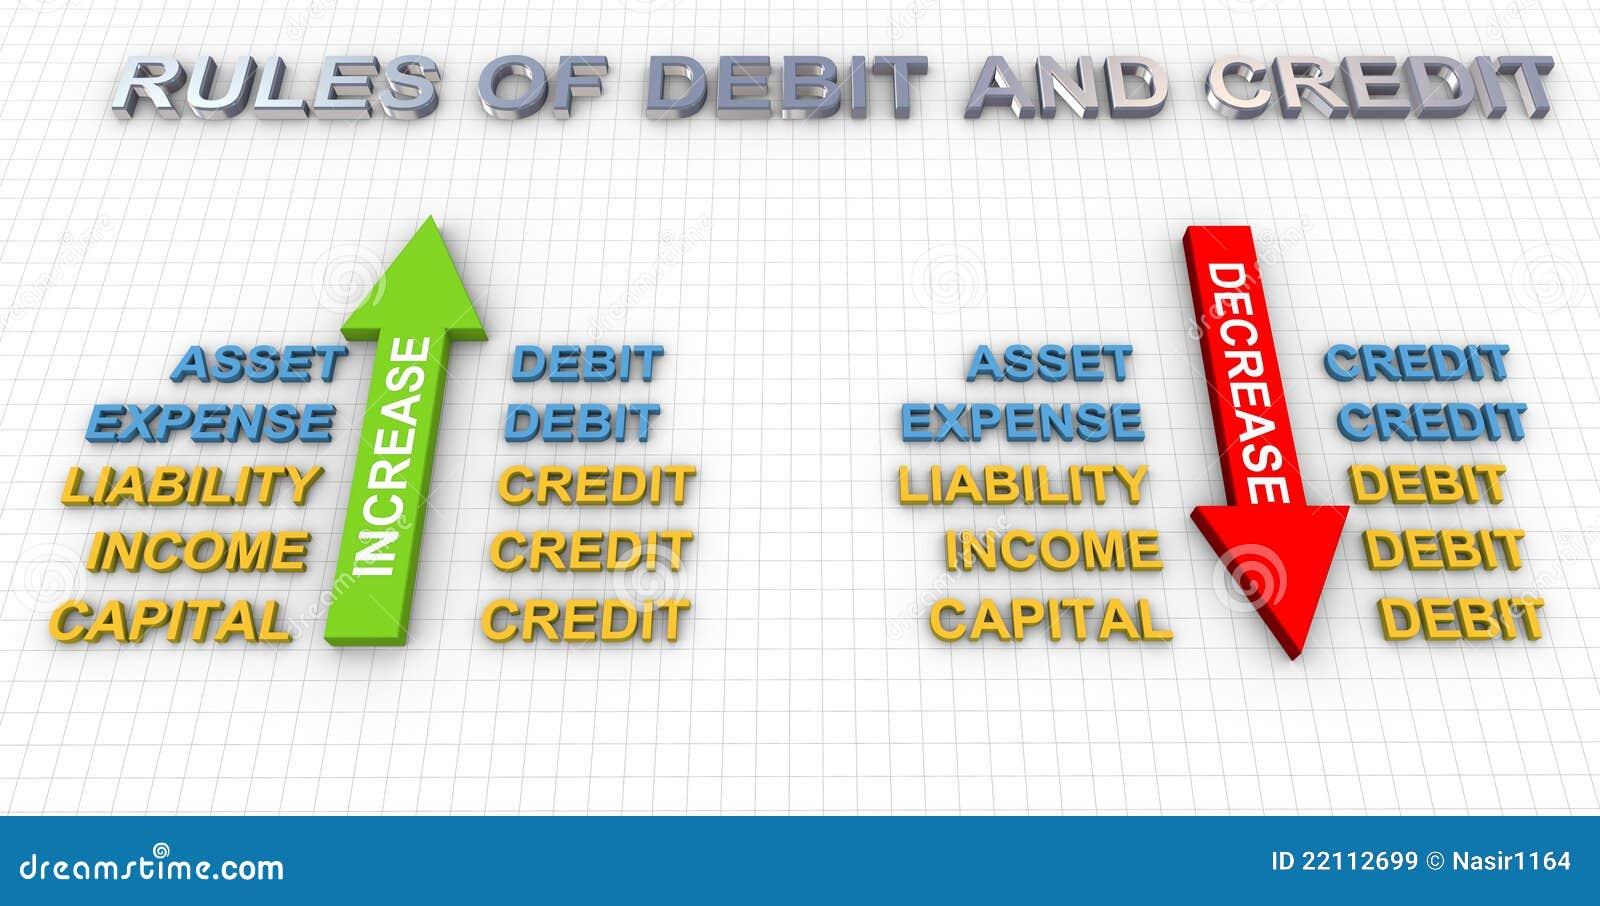 Regels van debet en krediet